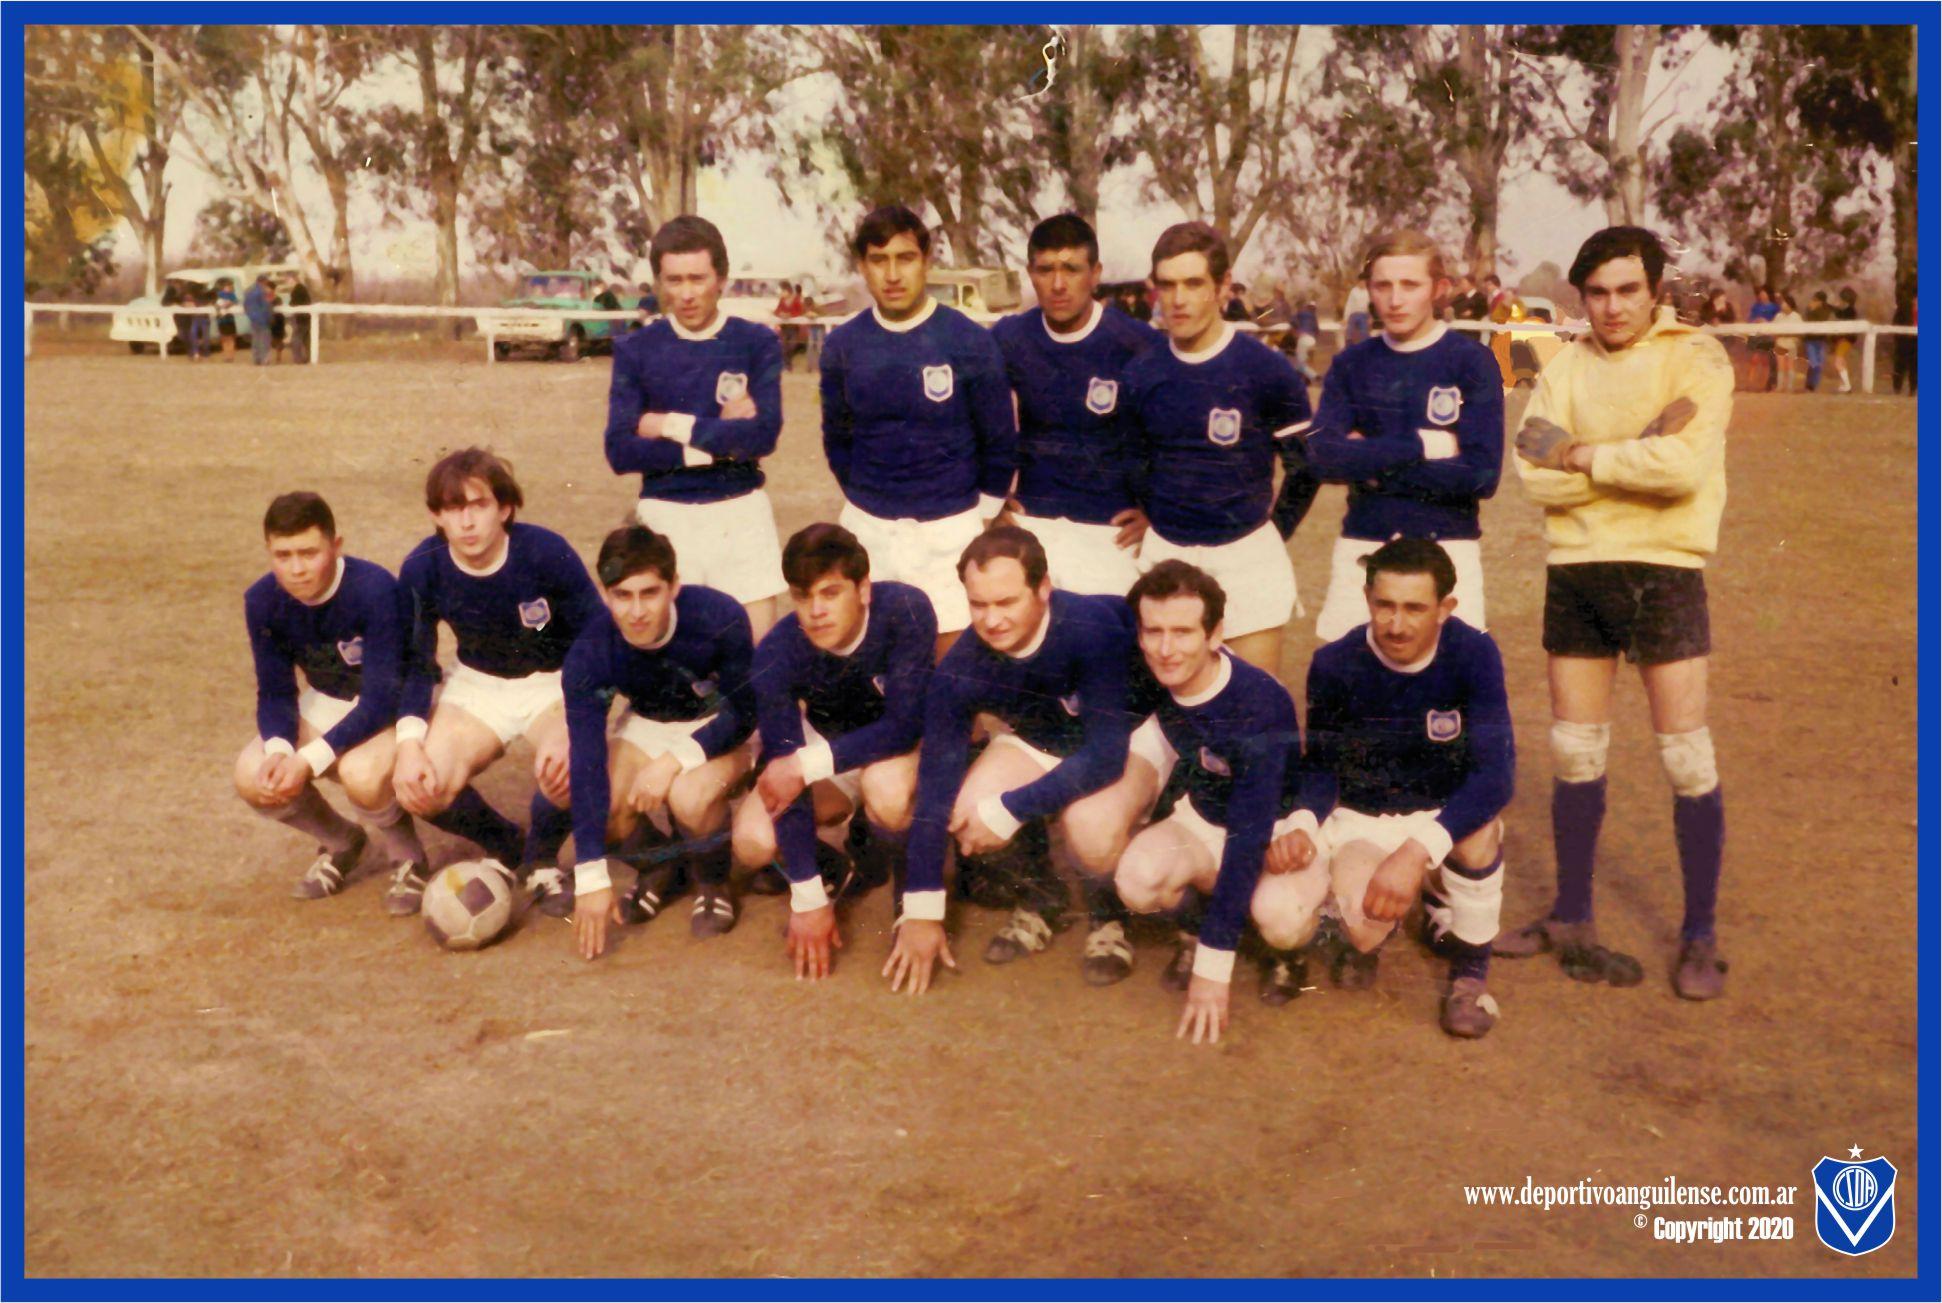 Anguilense 1970